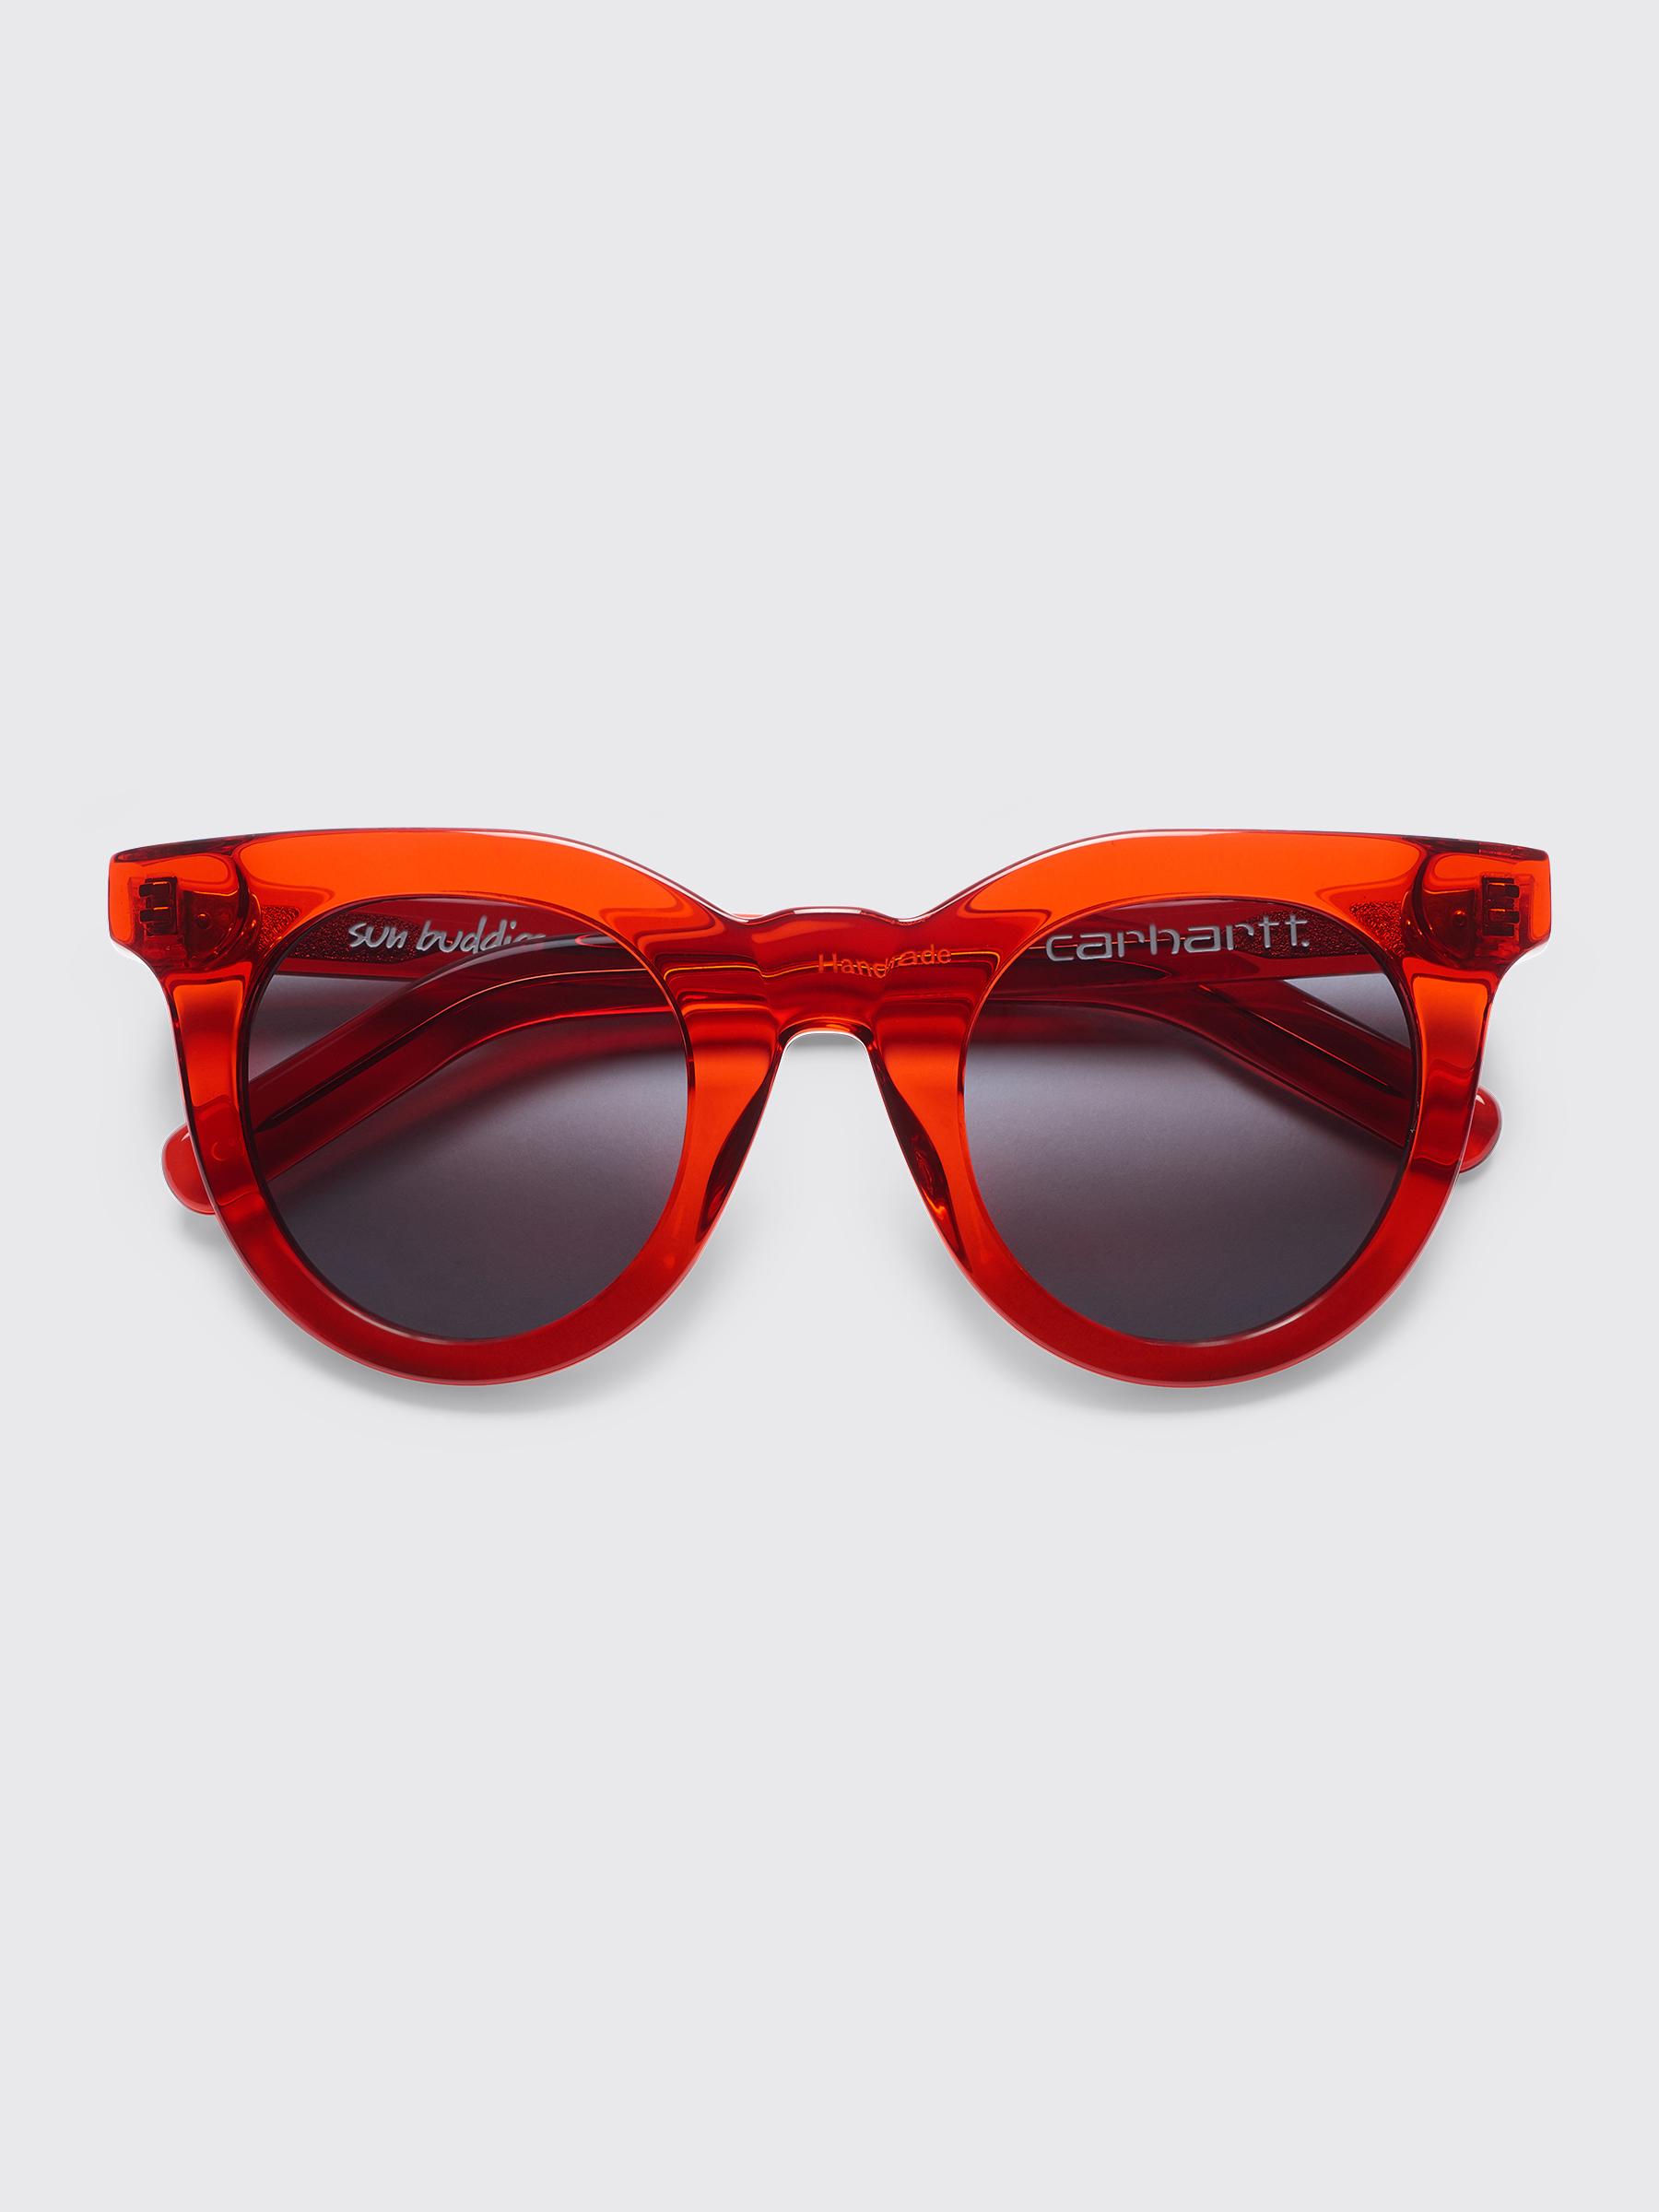 b0fb9d2c0 Très Bien - Sun Buddies for Carhartt WIP Juliette Sunglasses ...